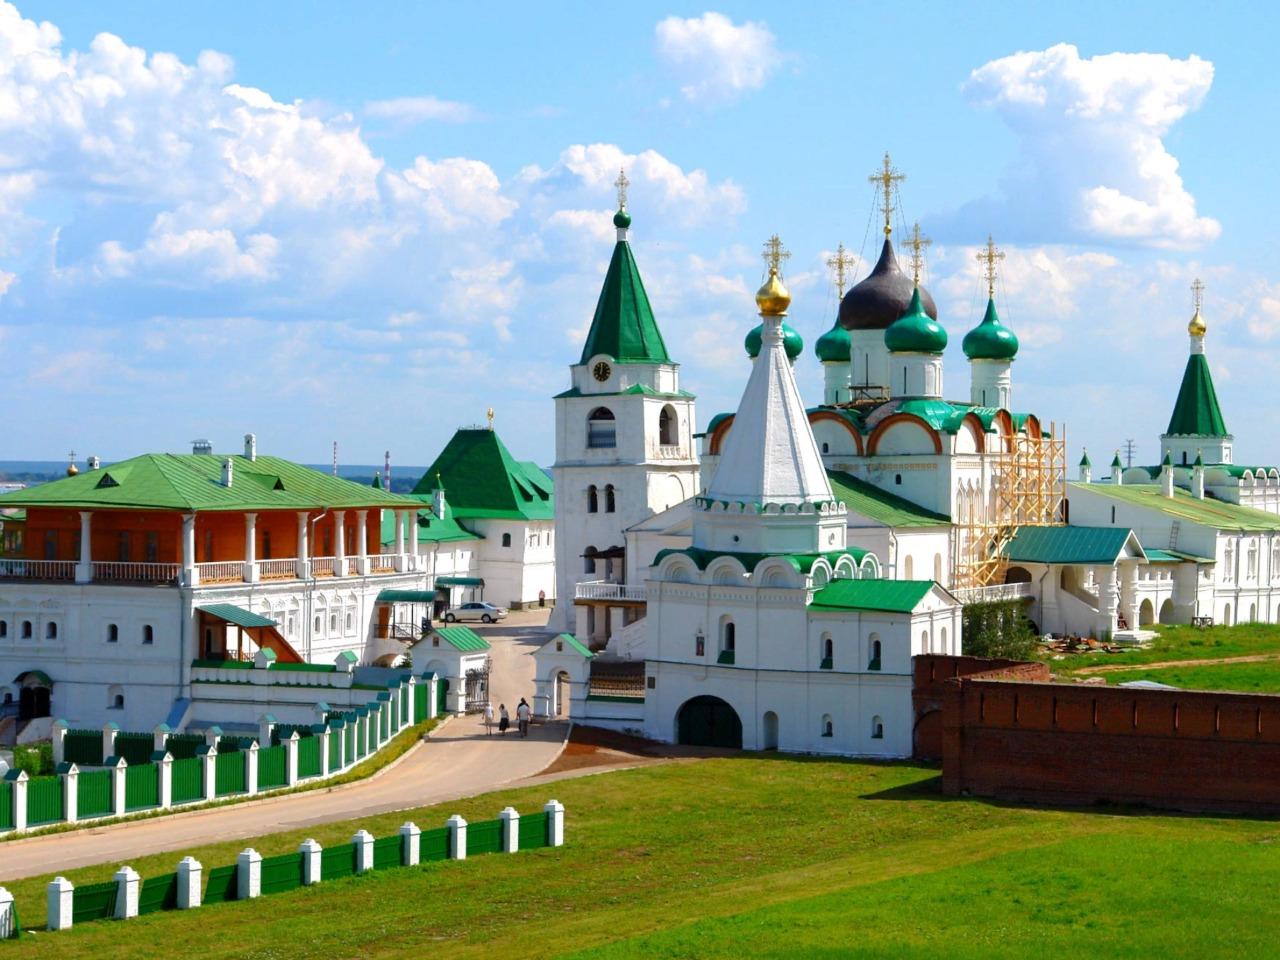 Дивные храмы Нижнего - индивидуальная экскурсия по Нижнему Новгороду от опытного гида